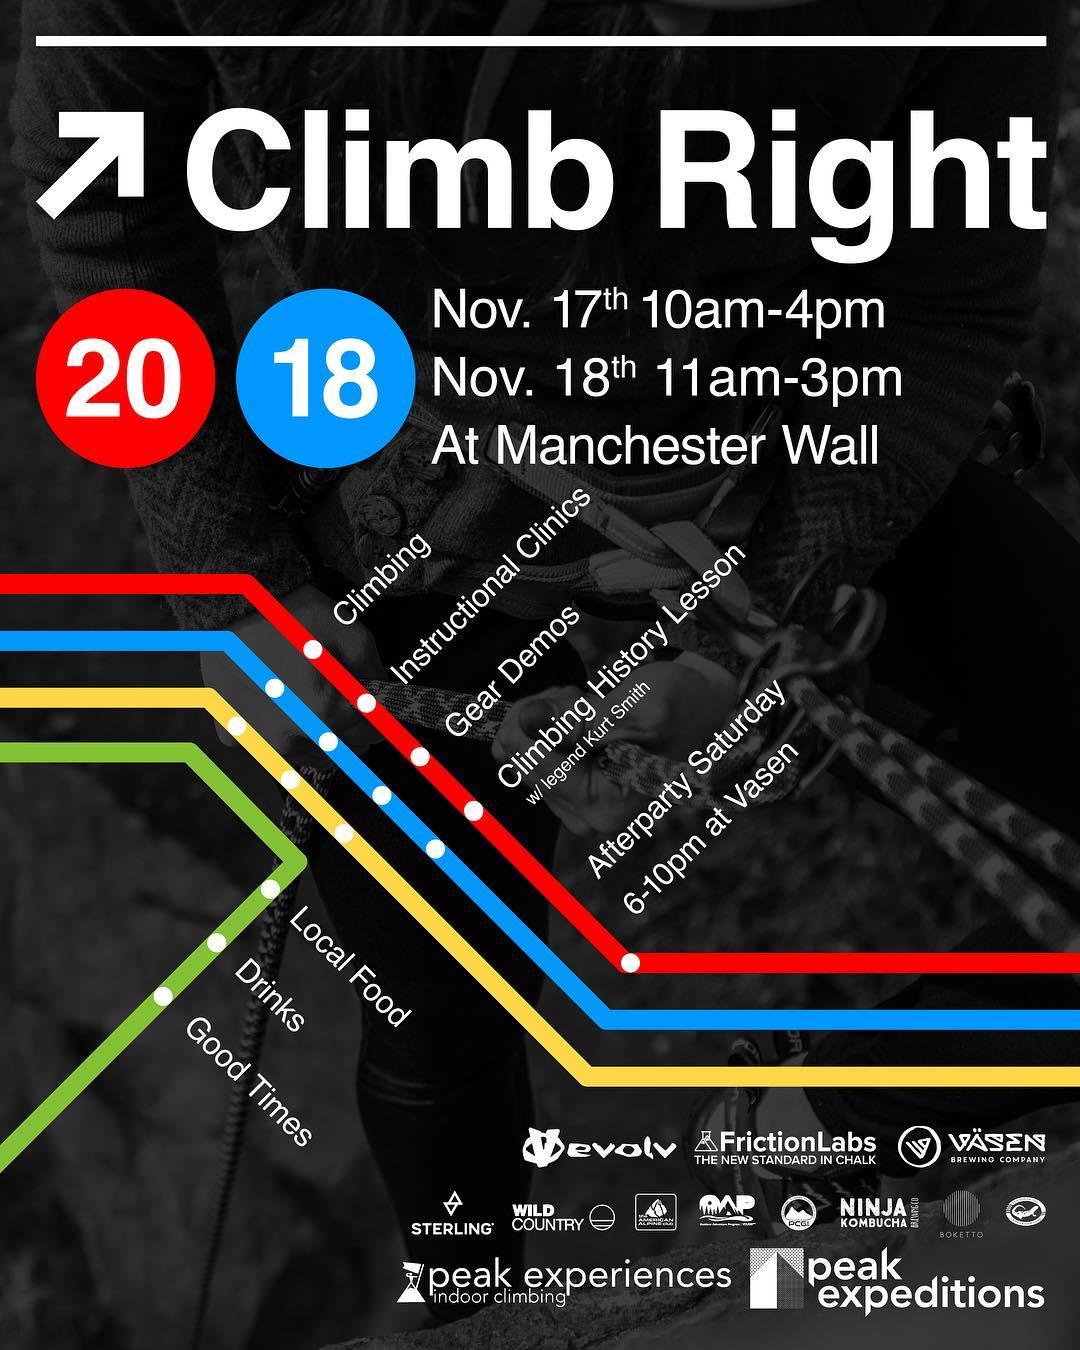 climb-right-nov-2018.jpg